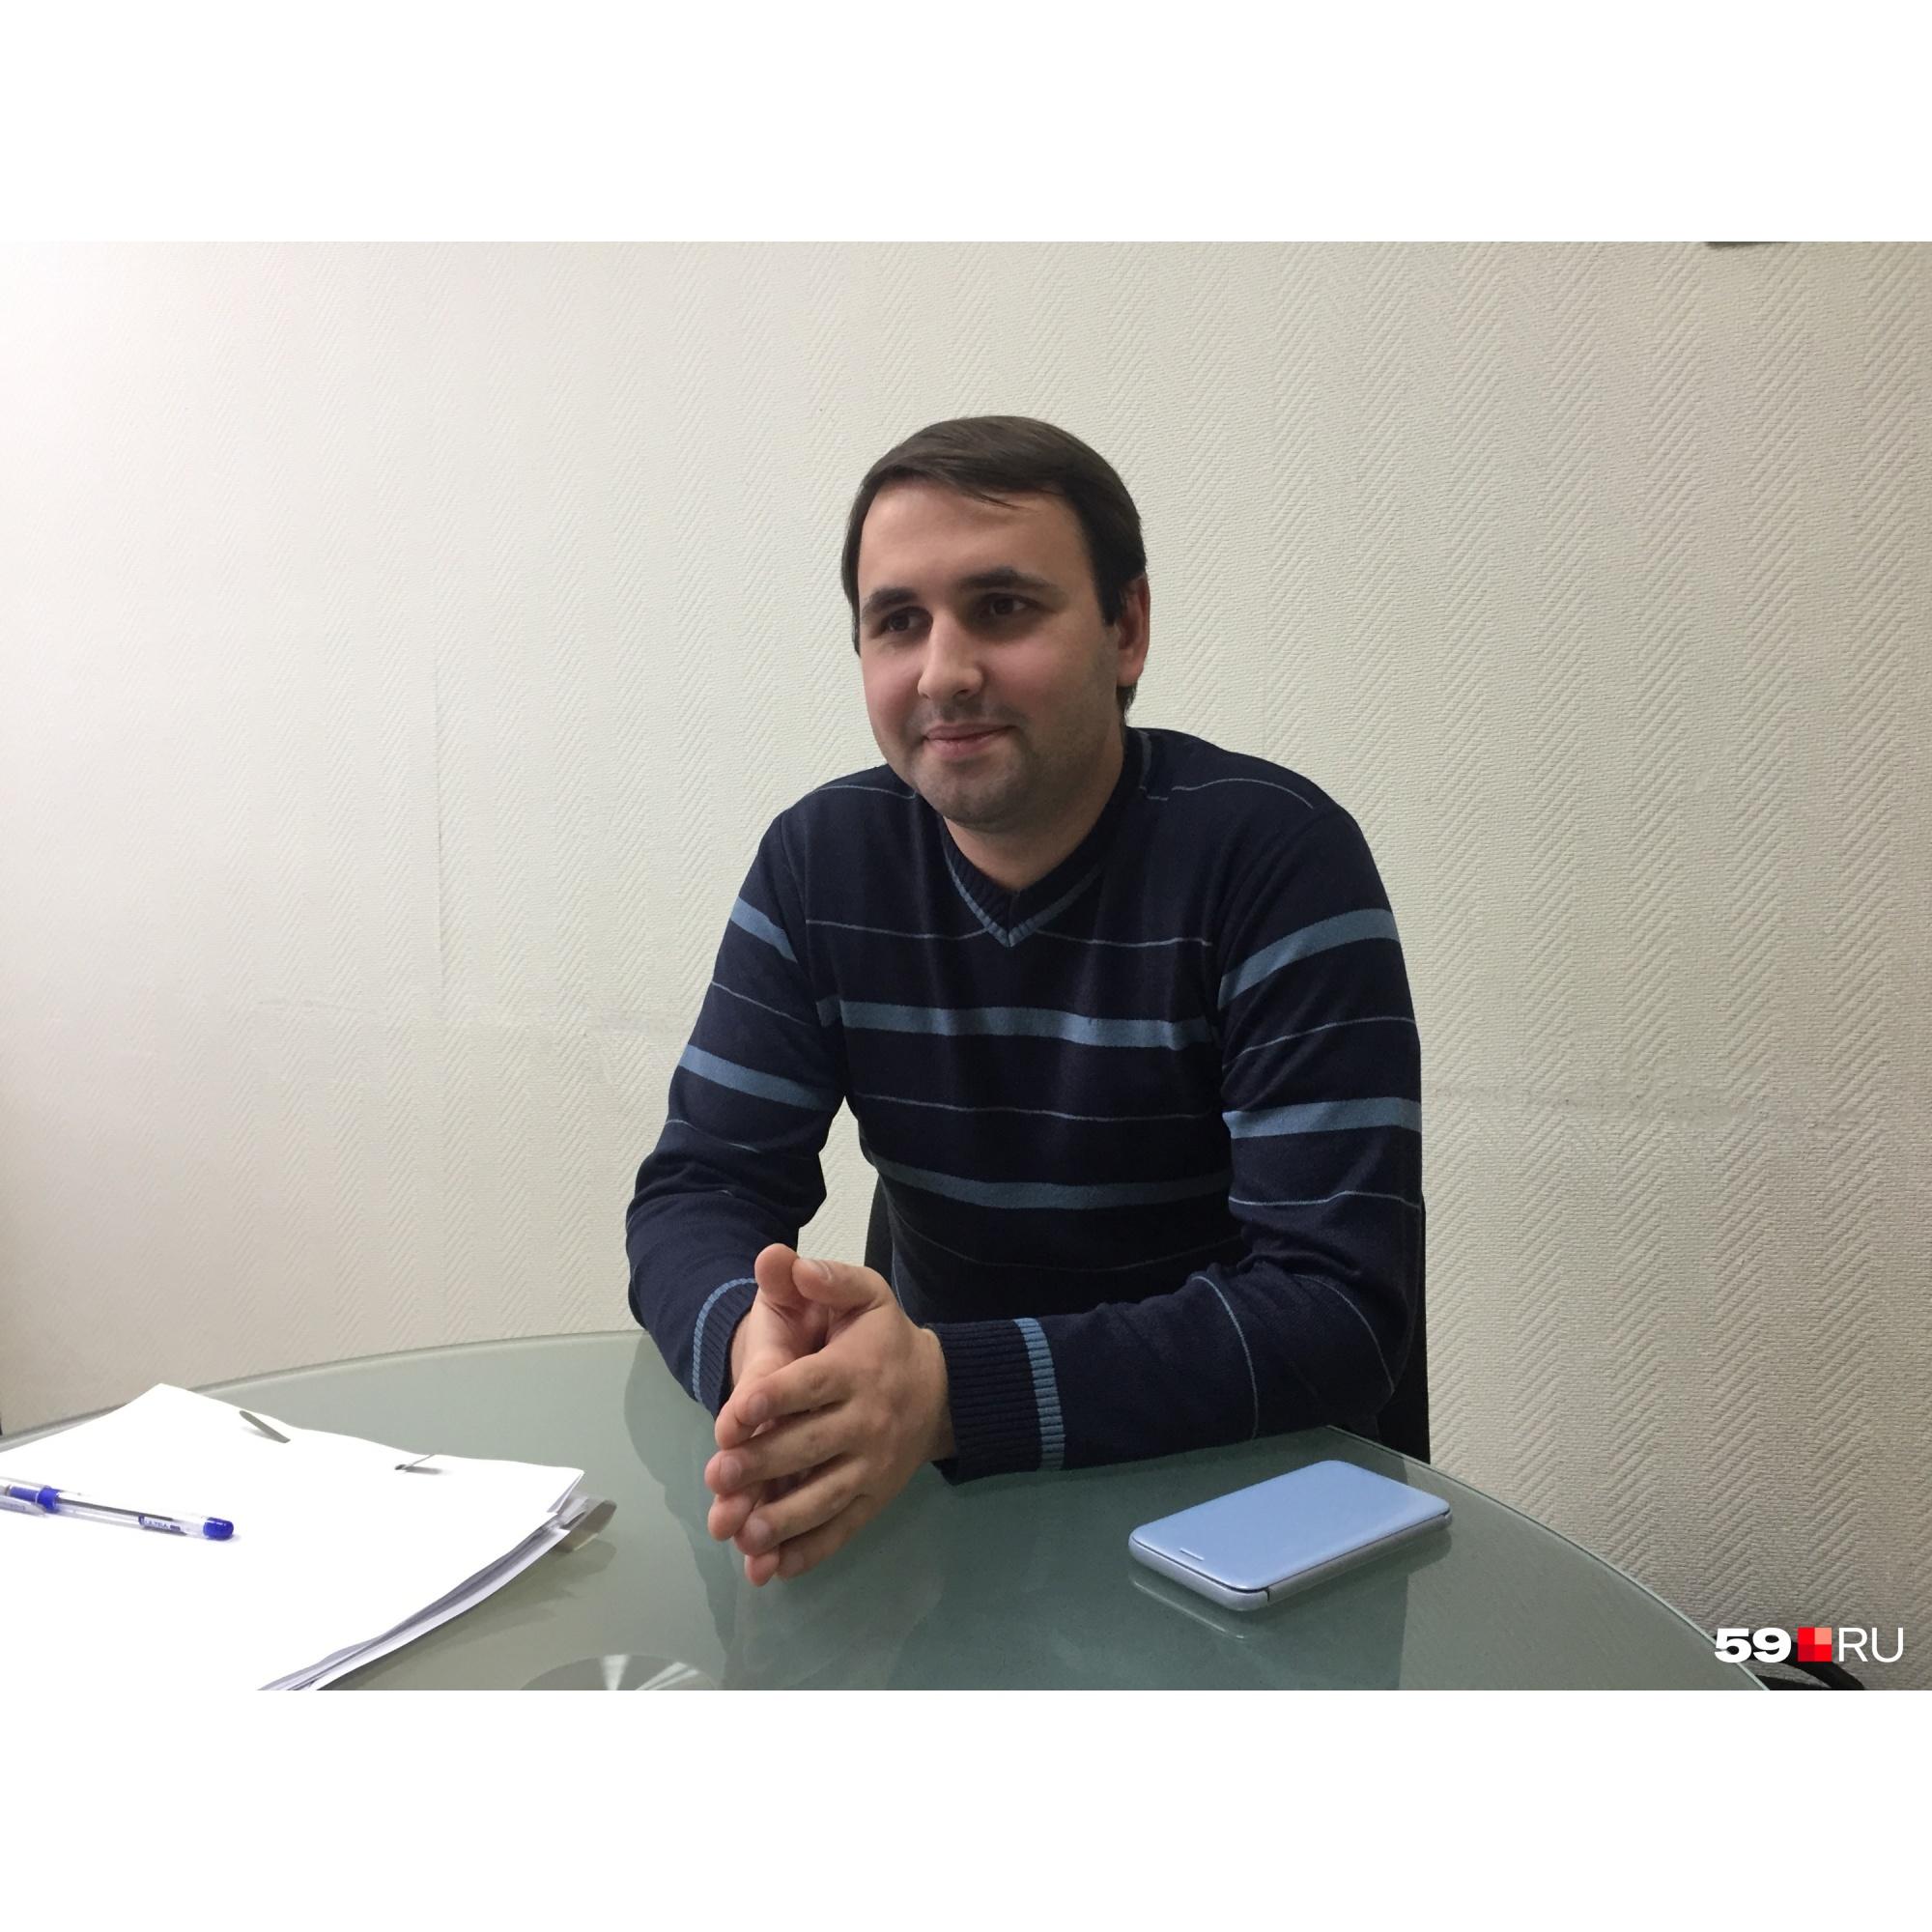 Юрист Дмитрий Остапчук